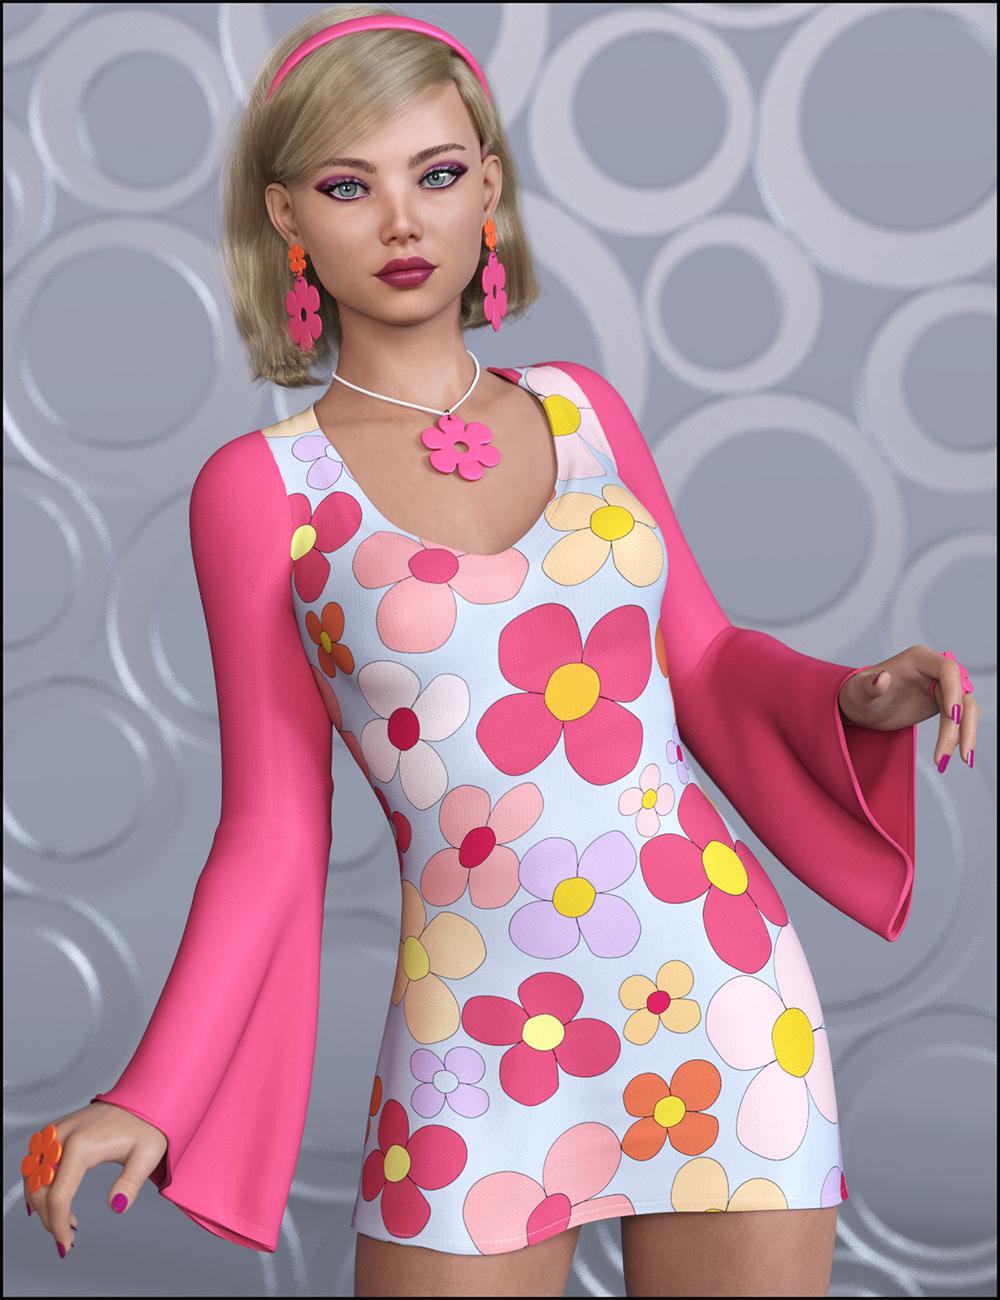 dForce Flower Power Outfit for Genesis 8 Female by: JessaiiDemonicaEvilius, 3D Models by Daz 3D